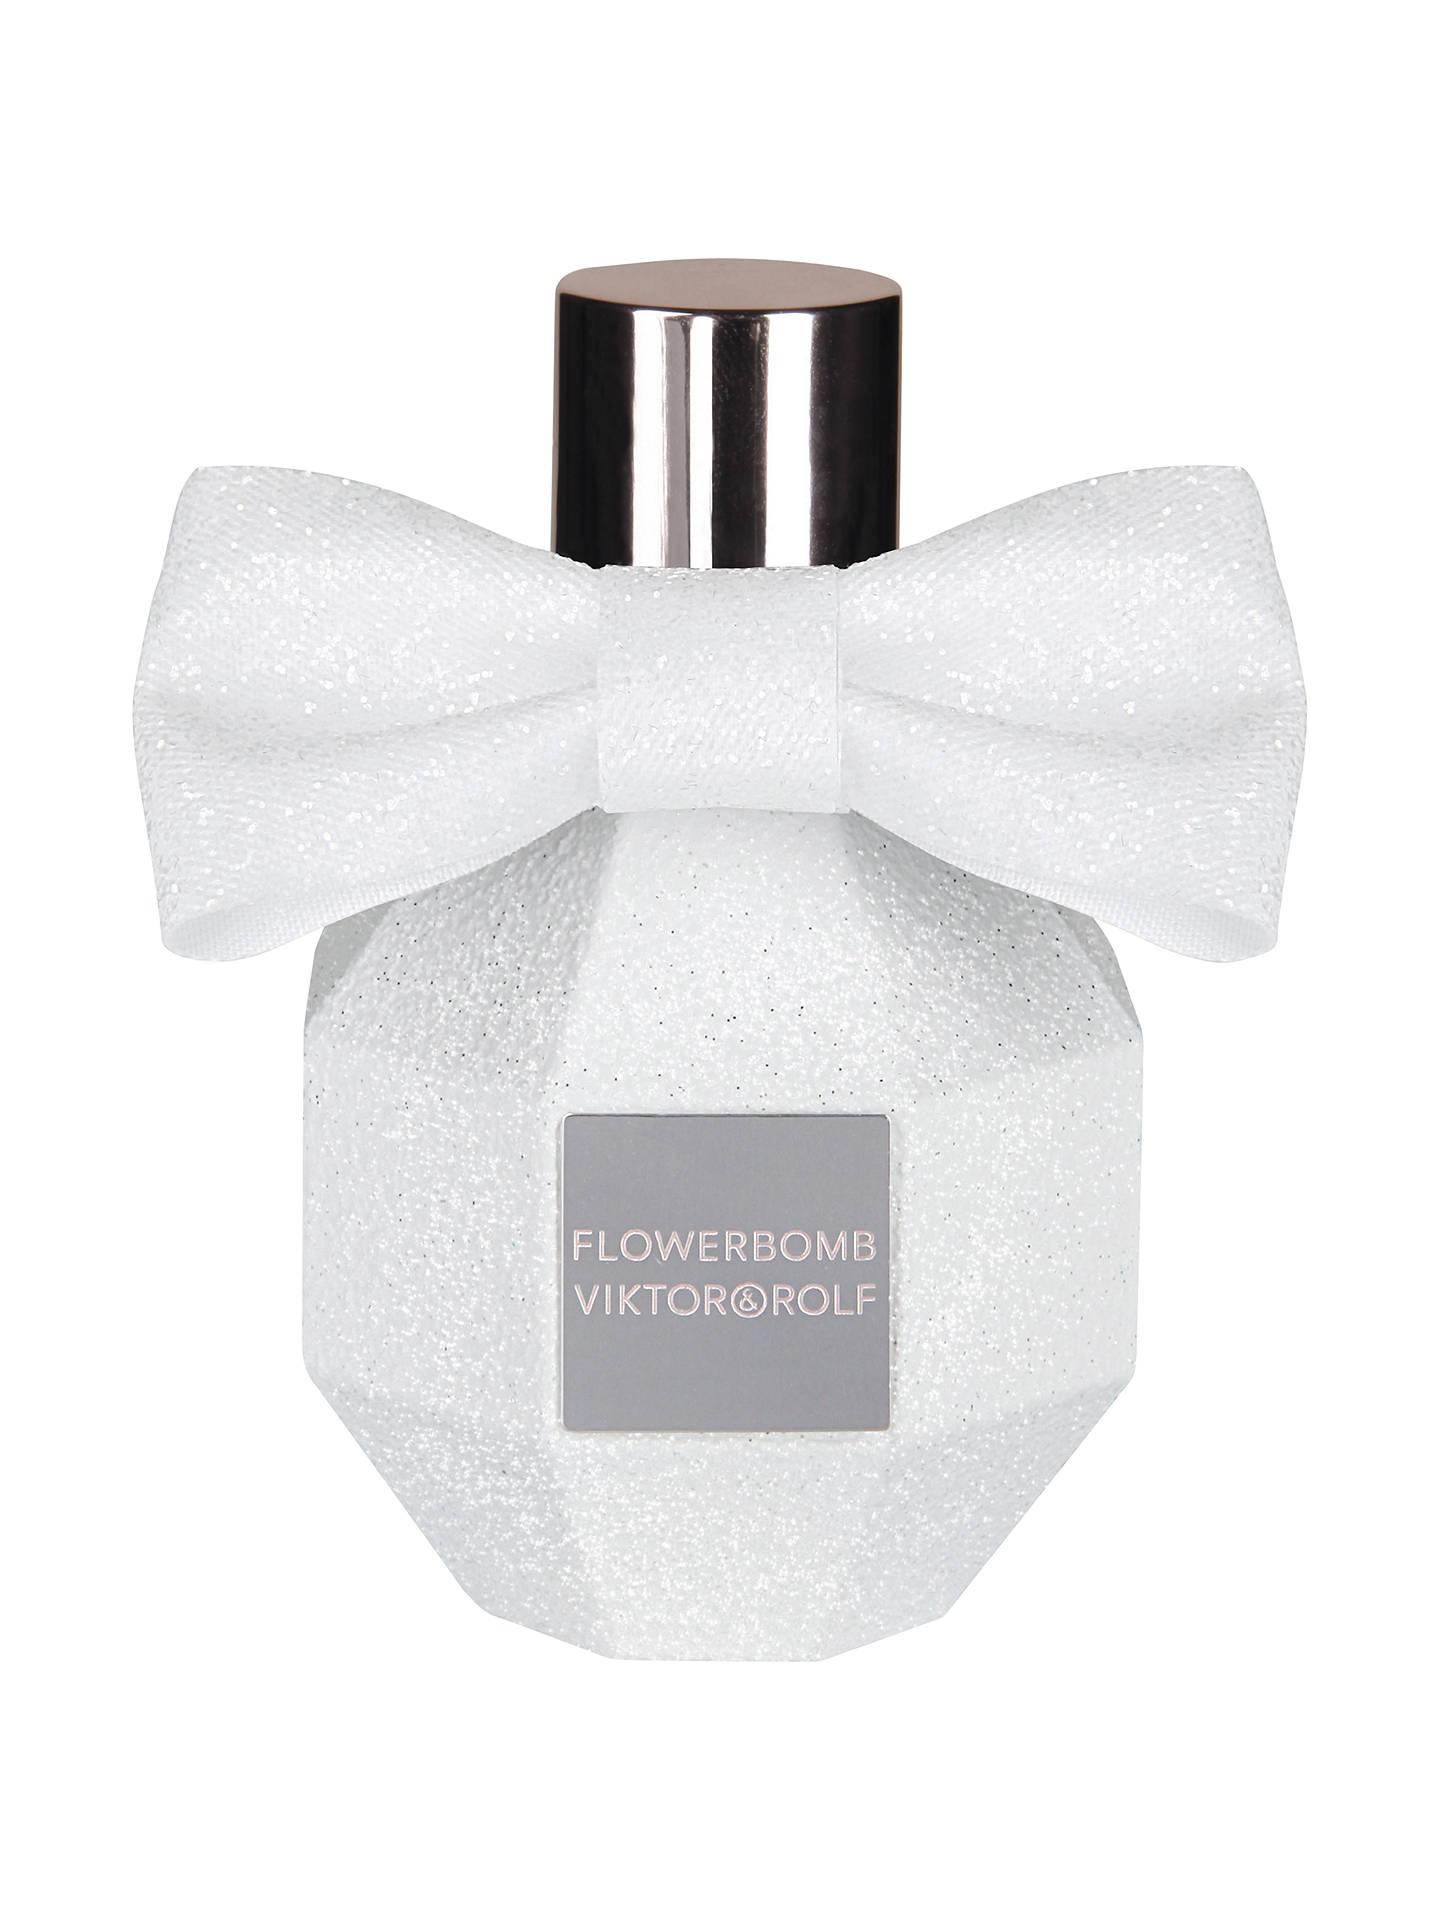 fe4eceb6121 Buy Viktor   Rolf Flowerbomb Limited Edition Eau de Parfum